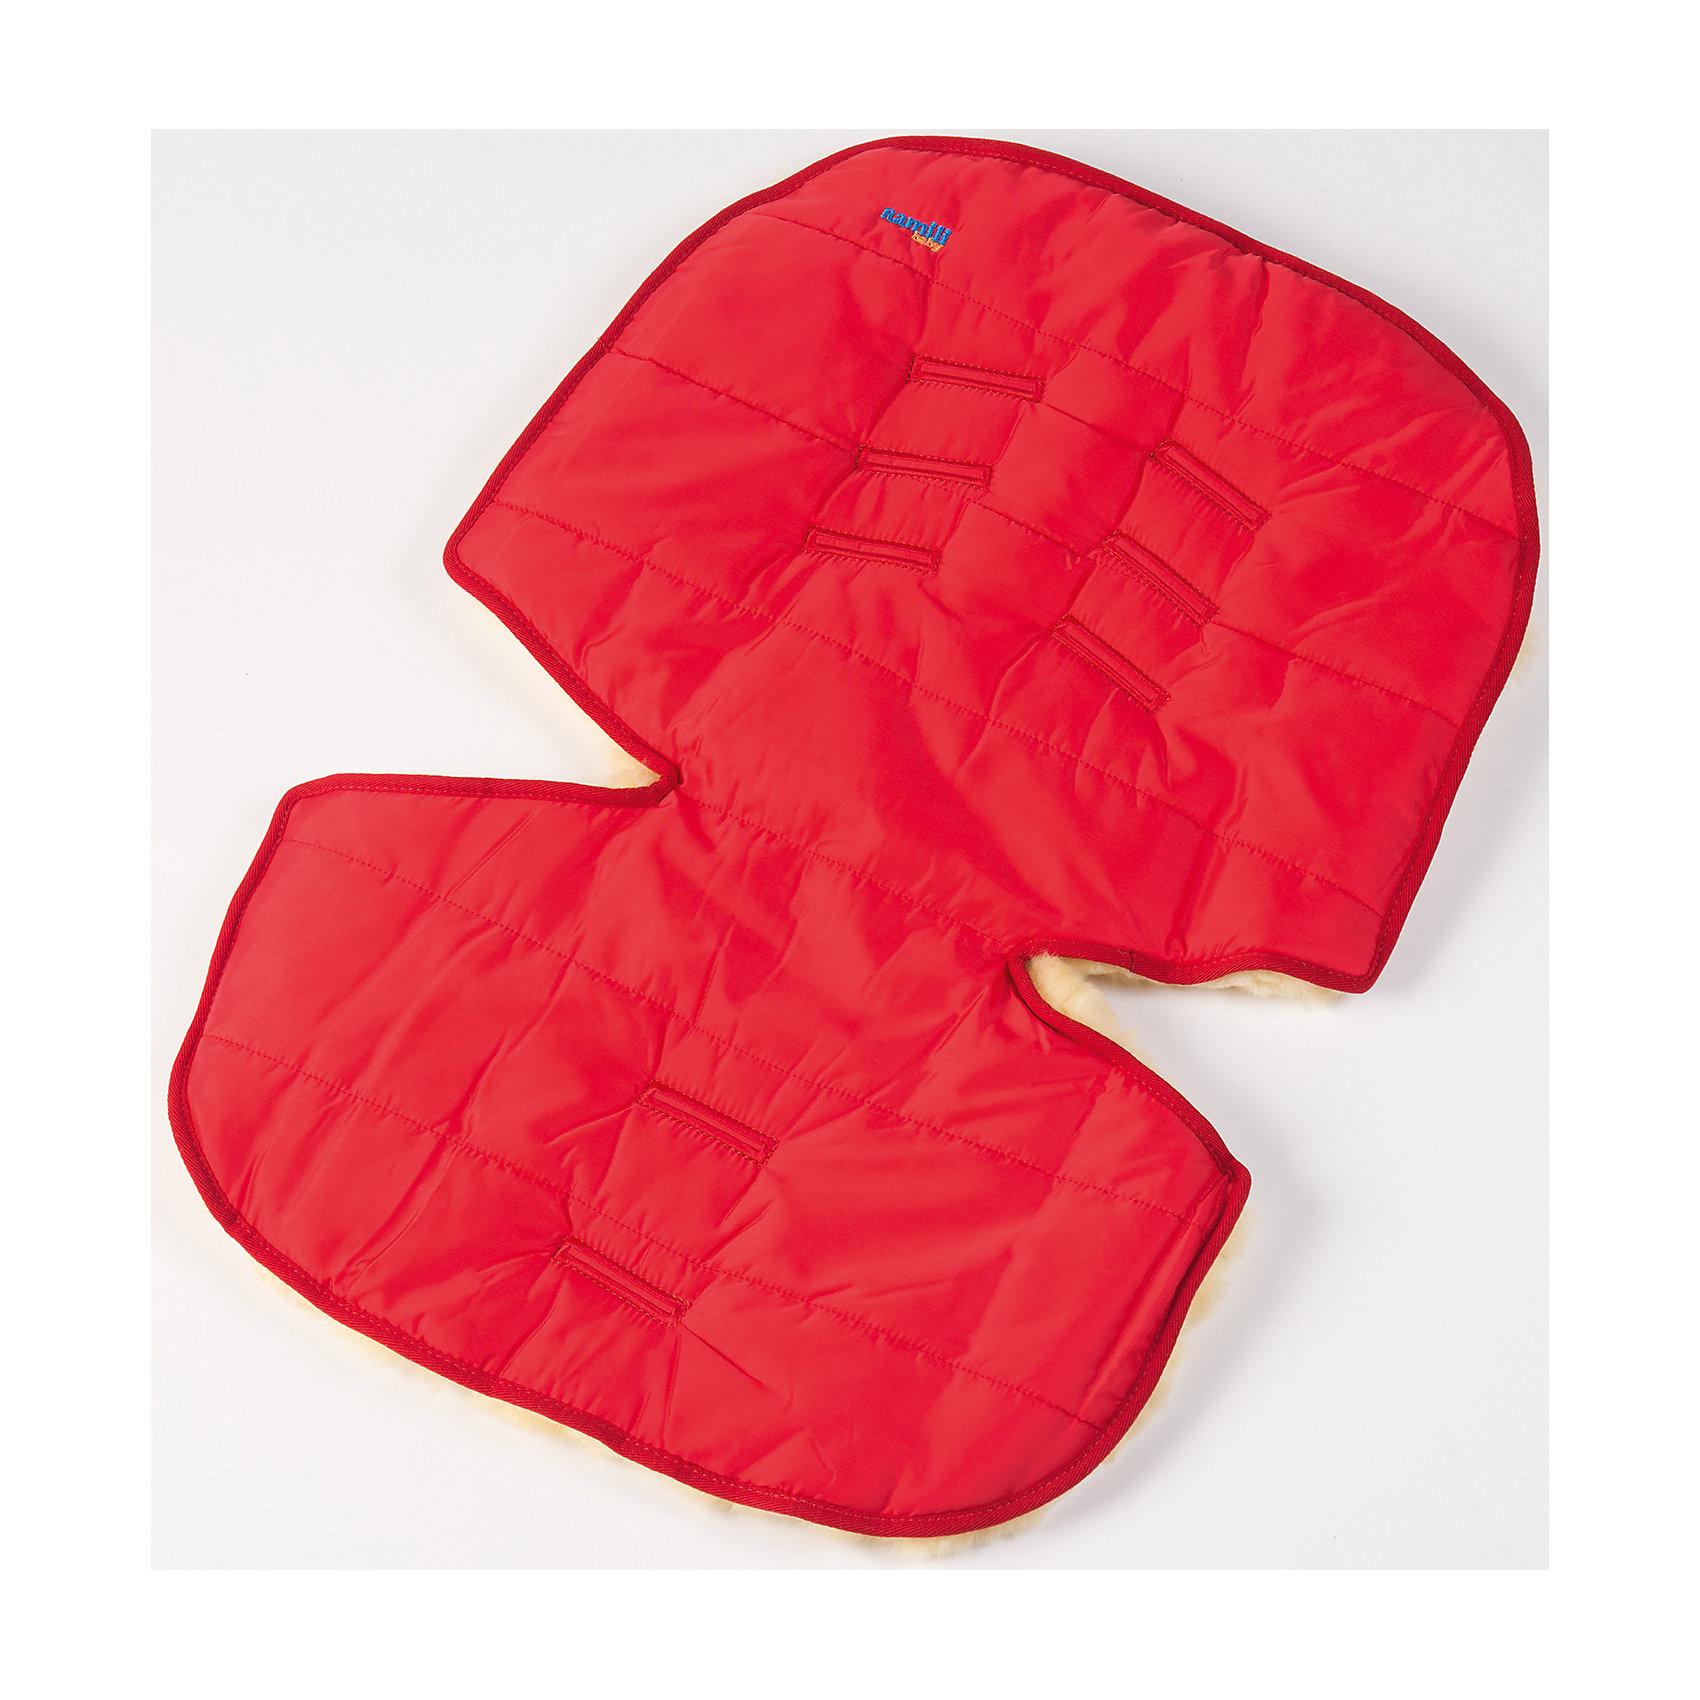 Меховой коврик для коляски и автокресла,  Ramili, красныйАксессуары для колясок<br>Характеристики:<br><br>• Предназначение: для прогулок, для игр<br>• Сезон: зима<br>• Пол: универсальный<br>• Цвет: красный<br>• Коллекция: Classic <br>• Состав: овчина, 100%<br>• Предусмотрены прорези для ремней безопасности<br>• Размеры конверта (Д*Ш): 70*30 см<br>• Вес с упаковкой: 2 кг <br>• Уход: машинная стирка при температуре не более 40 градусов<br><br>Меховой коврик для коляски и автокресла, Ramili, красный изготовлен по британской технологии с соблюдением всех норм и требований к безопасности для изделий, предназначенных для новорожденных.Тыльная сторона коврика выполнена из плащевой ткани, которая обеспечивает защиту от ветра и влаги, при этом обладает высокими износоустойчивыми свойствами; внешняя часть – из натуральной овчины, выделанной по специализированной технологии обработки, при которой не используются красители и химические вещества. При этом при обработке сохраняются свойства натуральной овчины и завиток, который обеспечивает повышенные теплоизоляционные свойства. Изделие обладает высокими гипоаллергенными свойствами. Коврик имеет уникальную форму, благодаря чему он подходит практически для всех моделей колясок и автокресел. Также его можно использовать для игр ребенка на полу.<br>Меховой коврик для коляски и автокресла, Ramili, красный – это качественные, комфортные и многофункциональные изделия для самых маленьких!<br><br>Меховой коврик для коляски и автокресла, Ramili, красный можно купить в нашем интернет-магазине.<br><br>Ширина мм: 700<br>Глубина мм: 500<br>Высота мм: 50<br>Вес г: 500<br>Возраст от месяцев: 0<br>Возраст до месяцев: 12<br>Пол: Унисекс<br>Возраст: Детский<br>SKU: 4980607